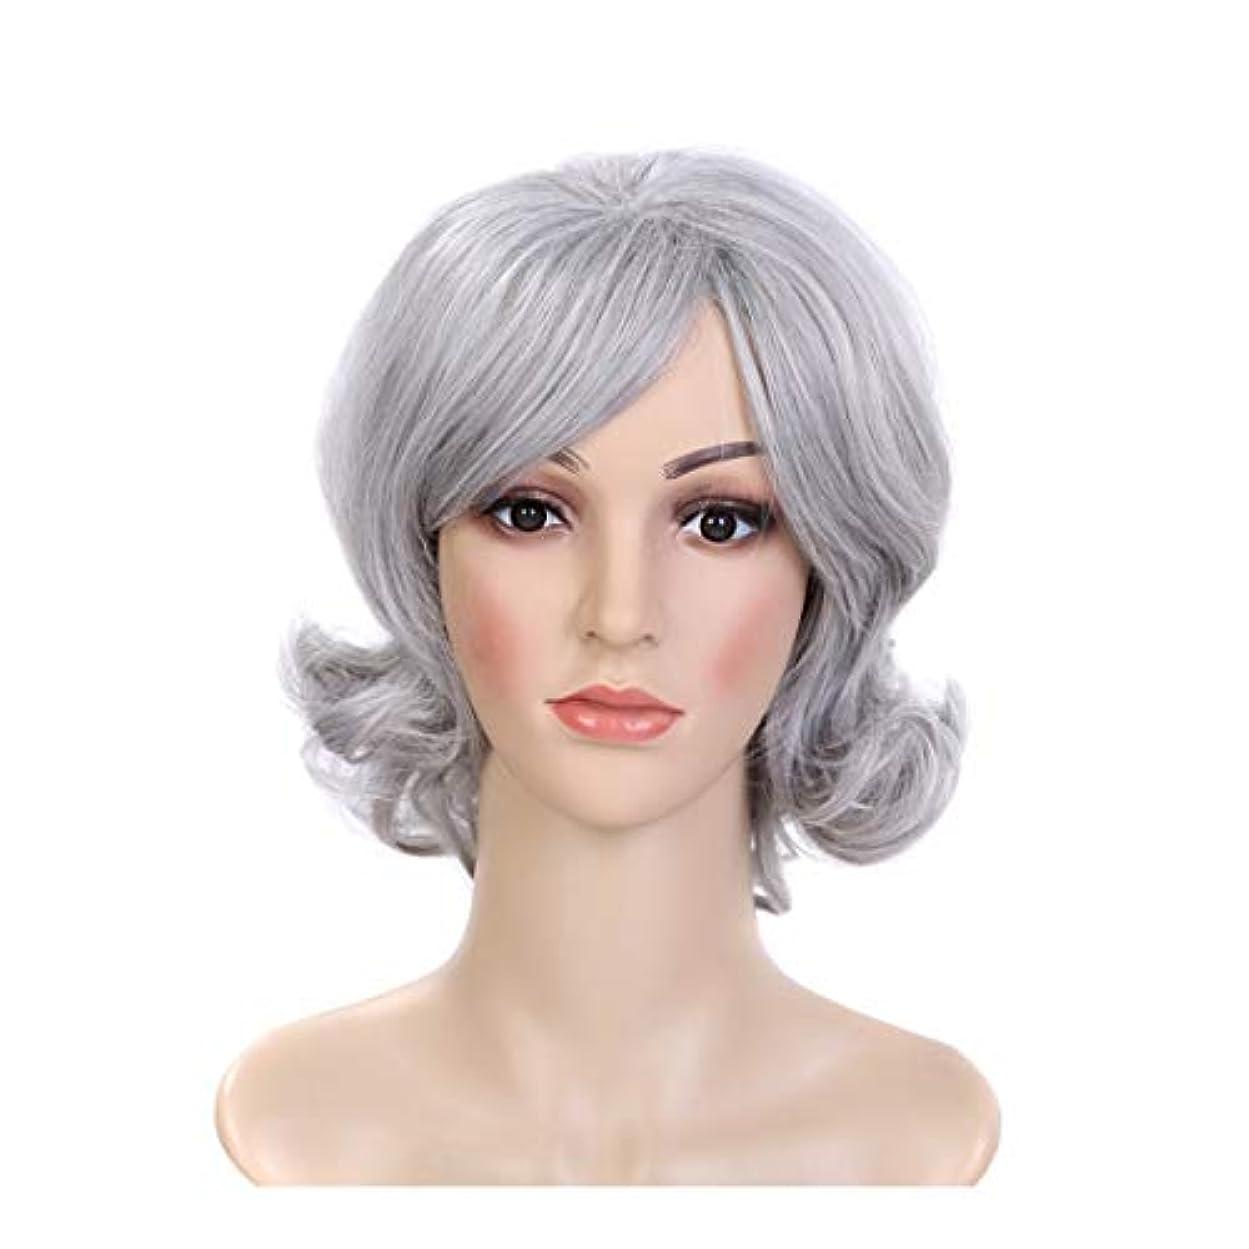 食料品店任意蘇生するYOUQIU ホワイト色のウィッグ女性の女の子のかつらのためのショートカーリーヘア合成ふわふわフルウィッグ (色 : Silver grey/grand ash)